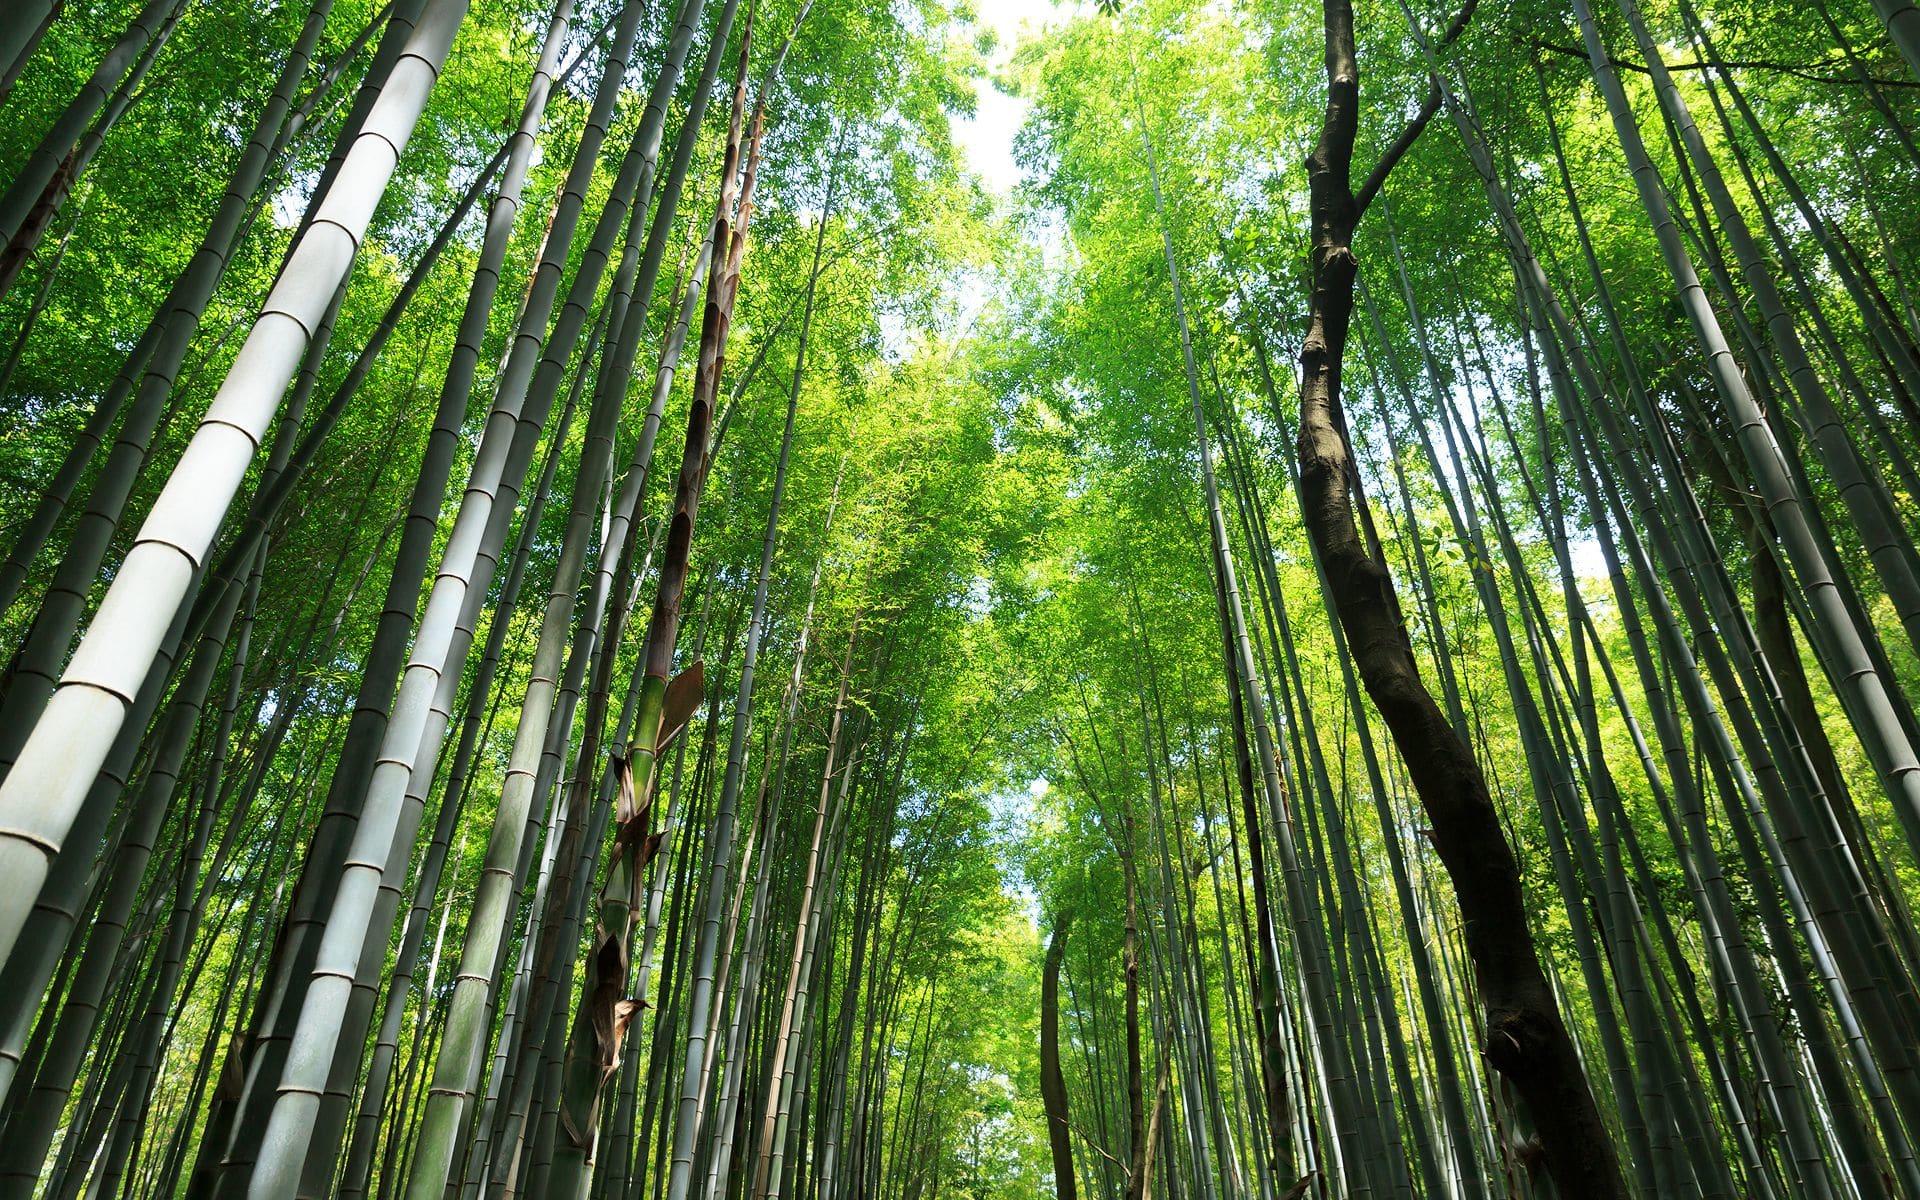 2013年新緑の京都・嵯峨竹林の壁紙(計6枚) - 壁紙&日々駄文